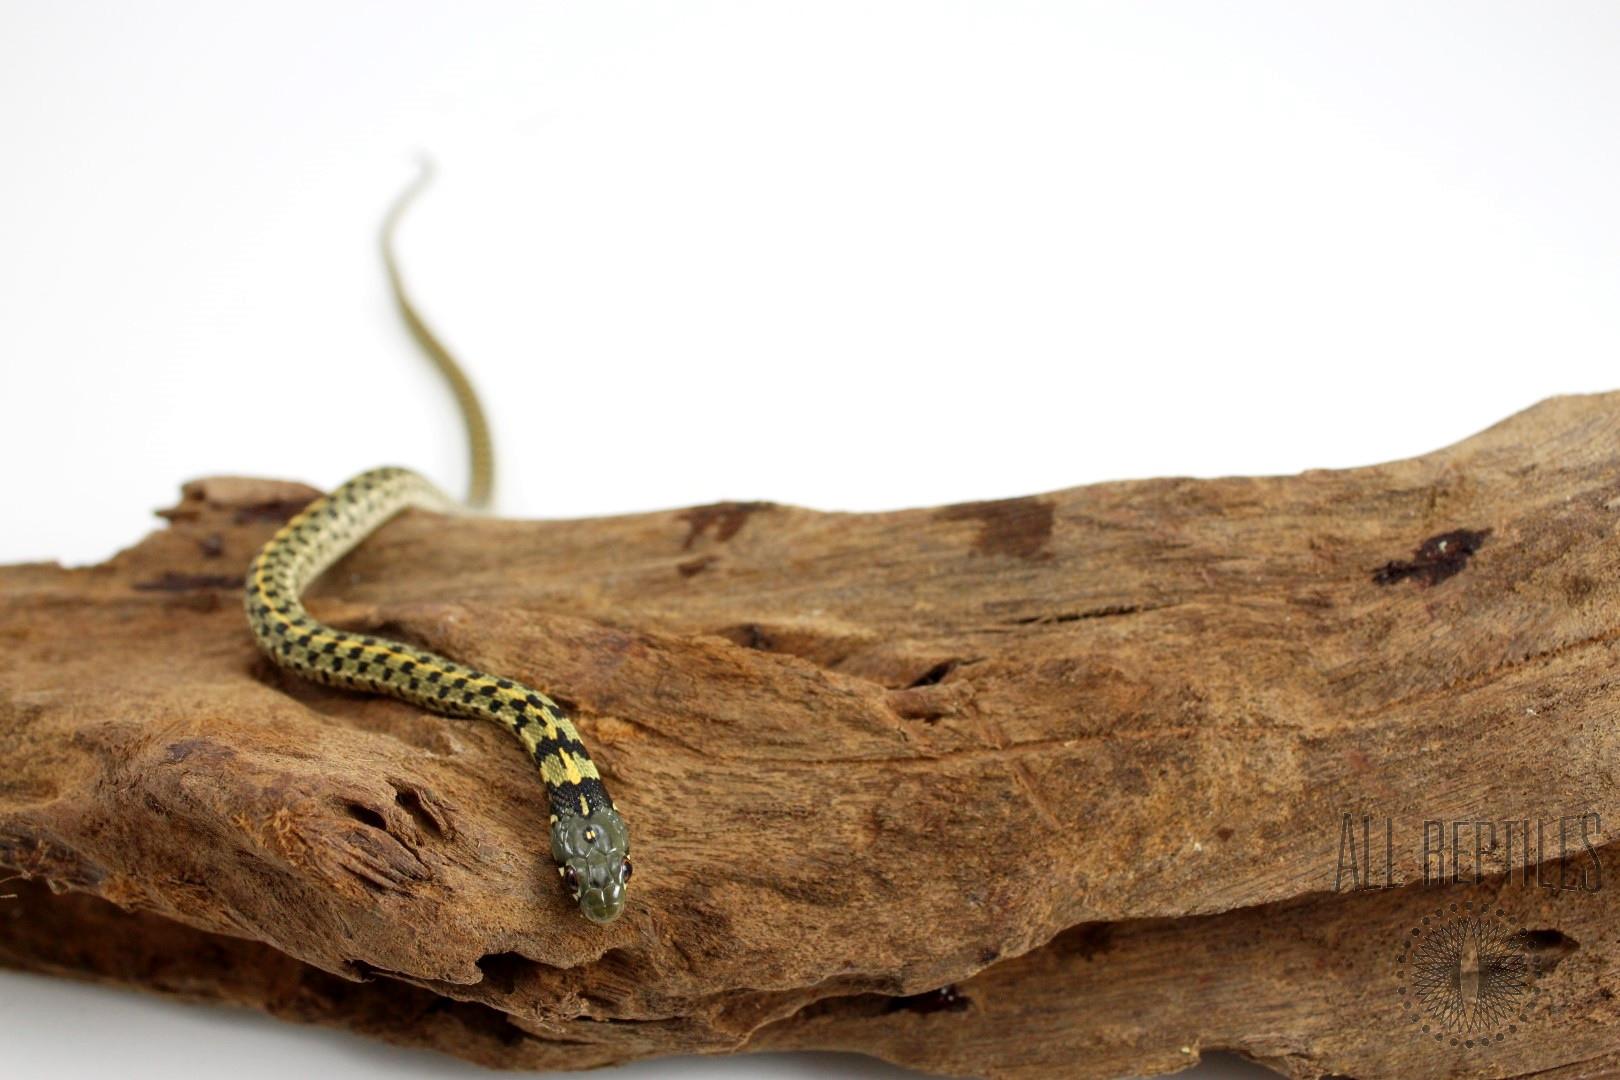 Texas Checkered Garter Snake